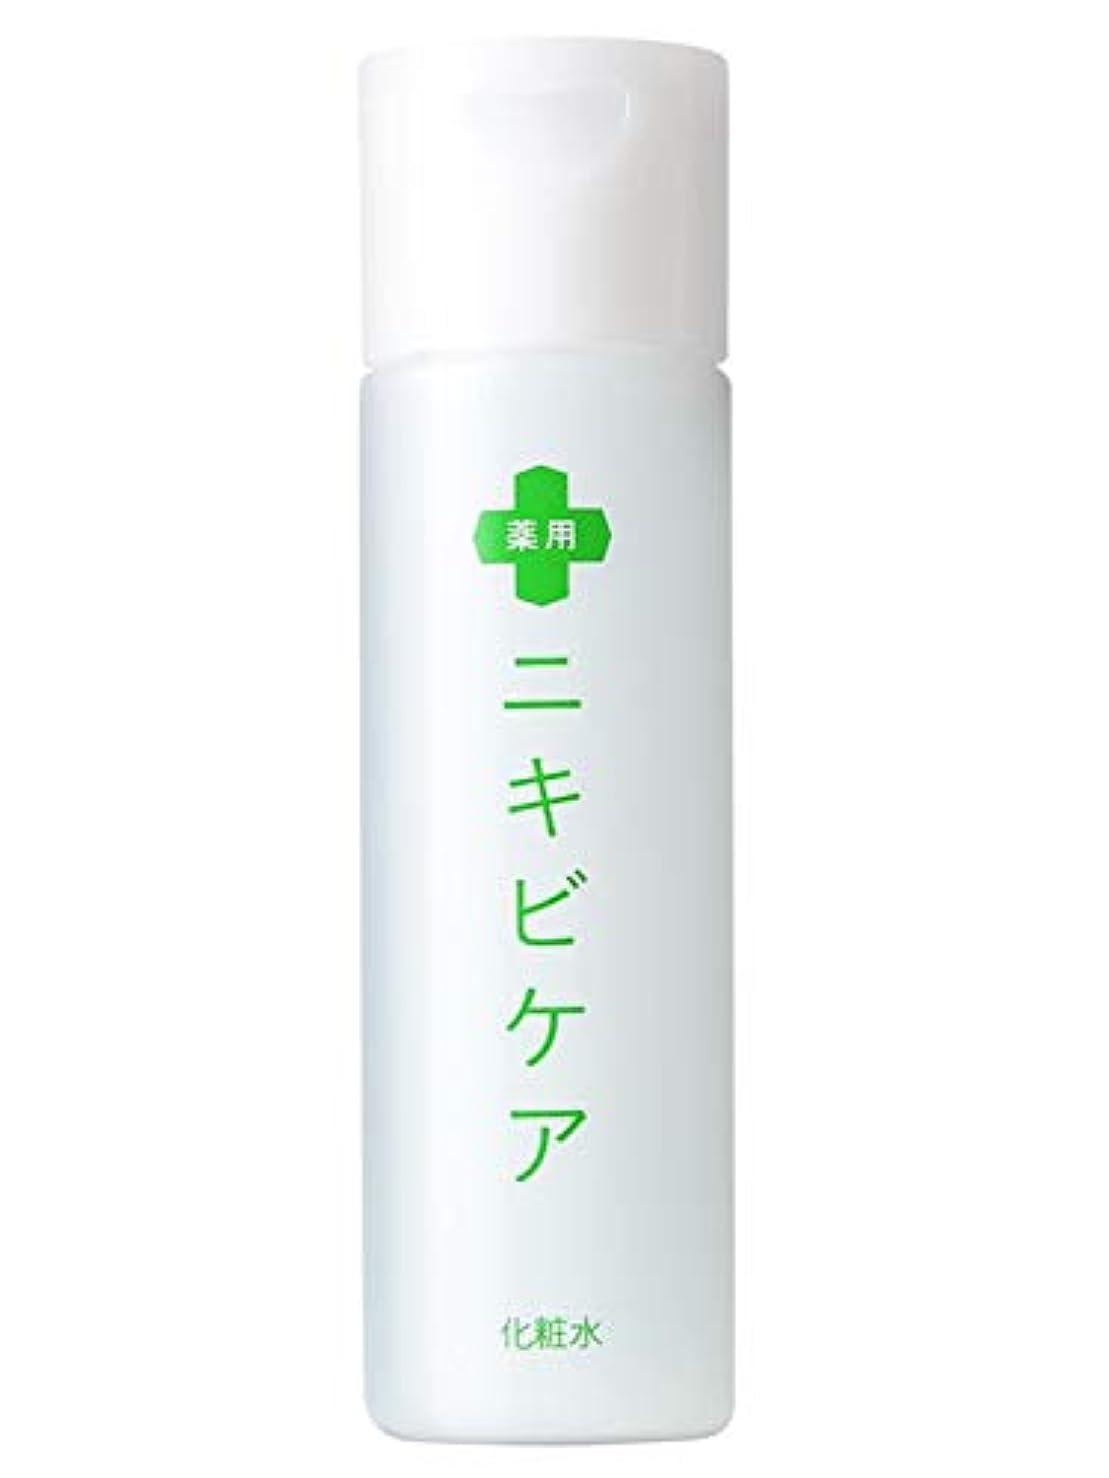 毎月アヒルマングル医薬部外品 薬用 ニキビケア 化粧水 大人ニキビ 予防「 あご おでこ 鼻 ニキビ アクネ 対策」「 肌をひきしめサラサラに 」「 コラーゲン プラセンタ 配合 」 メンズ & レディース 120ml